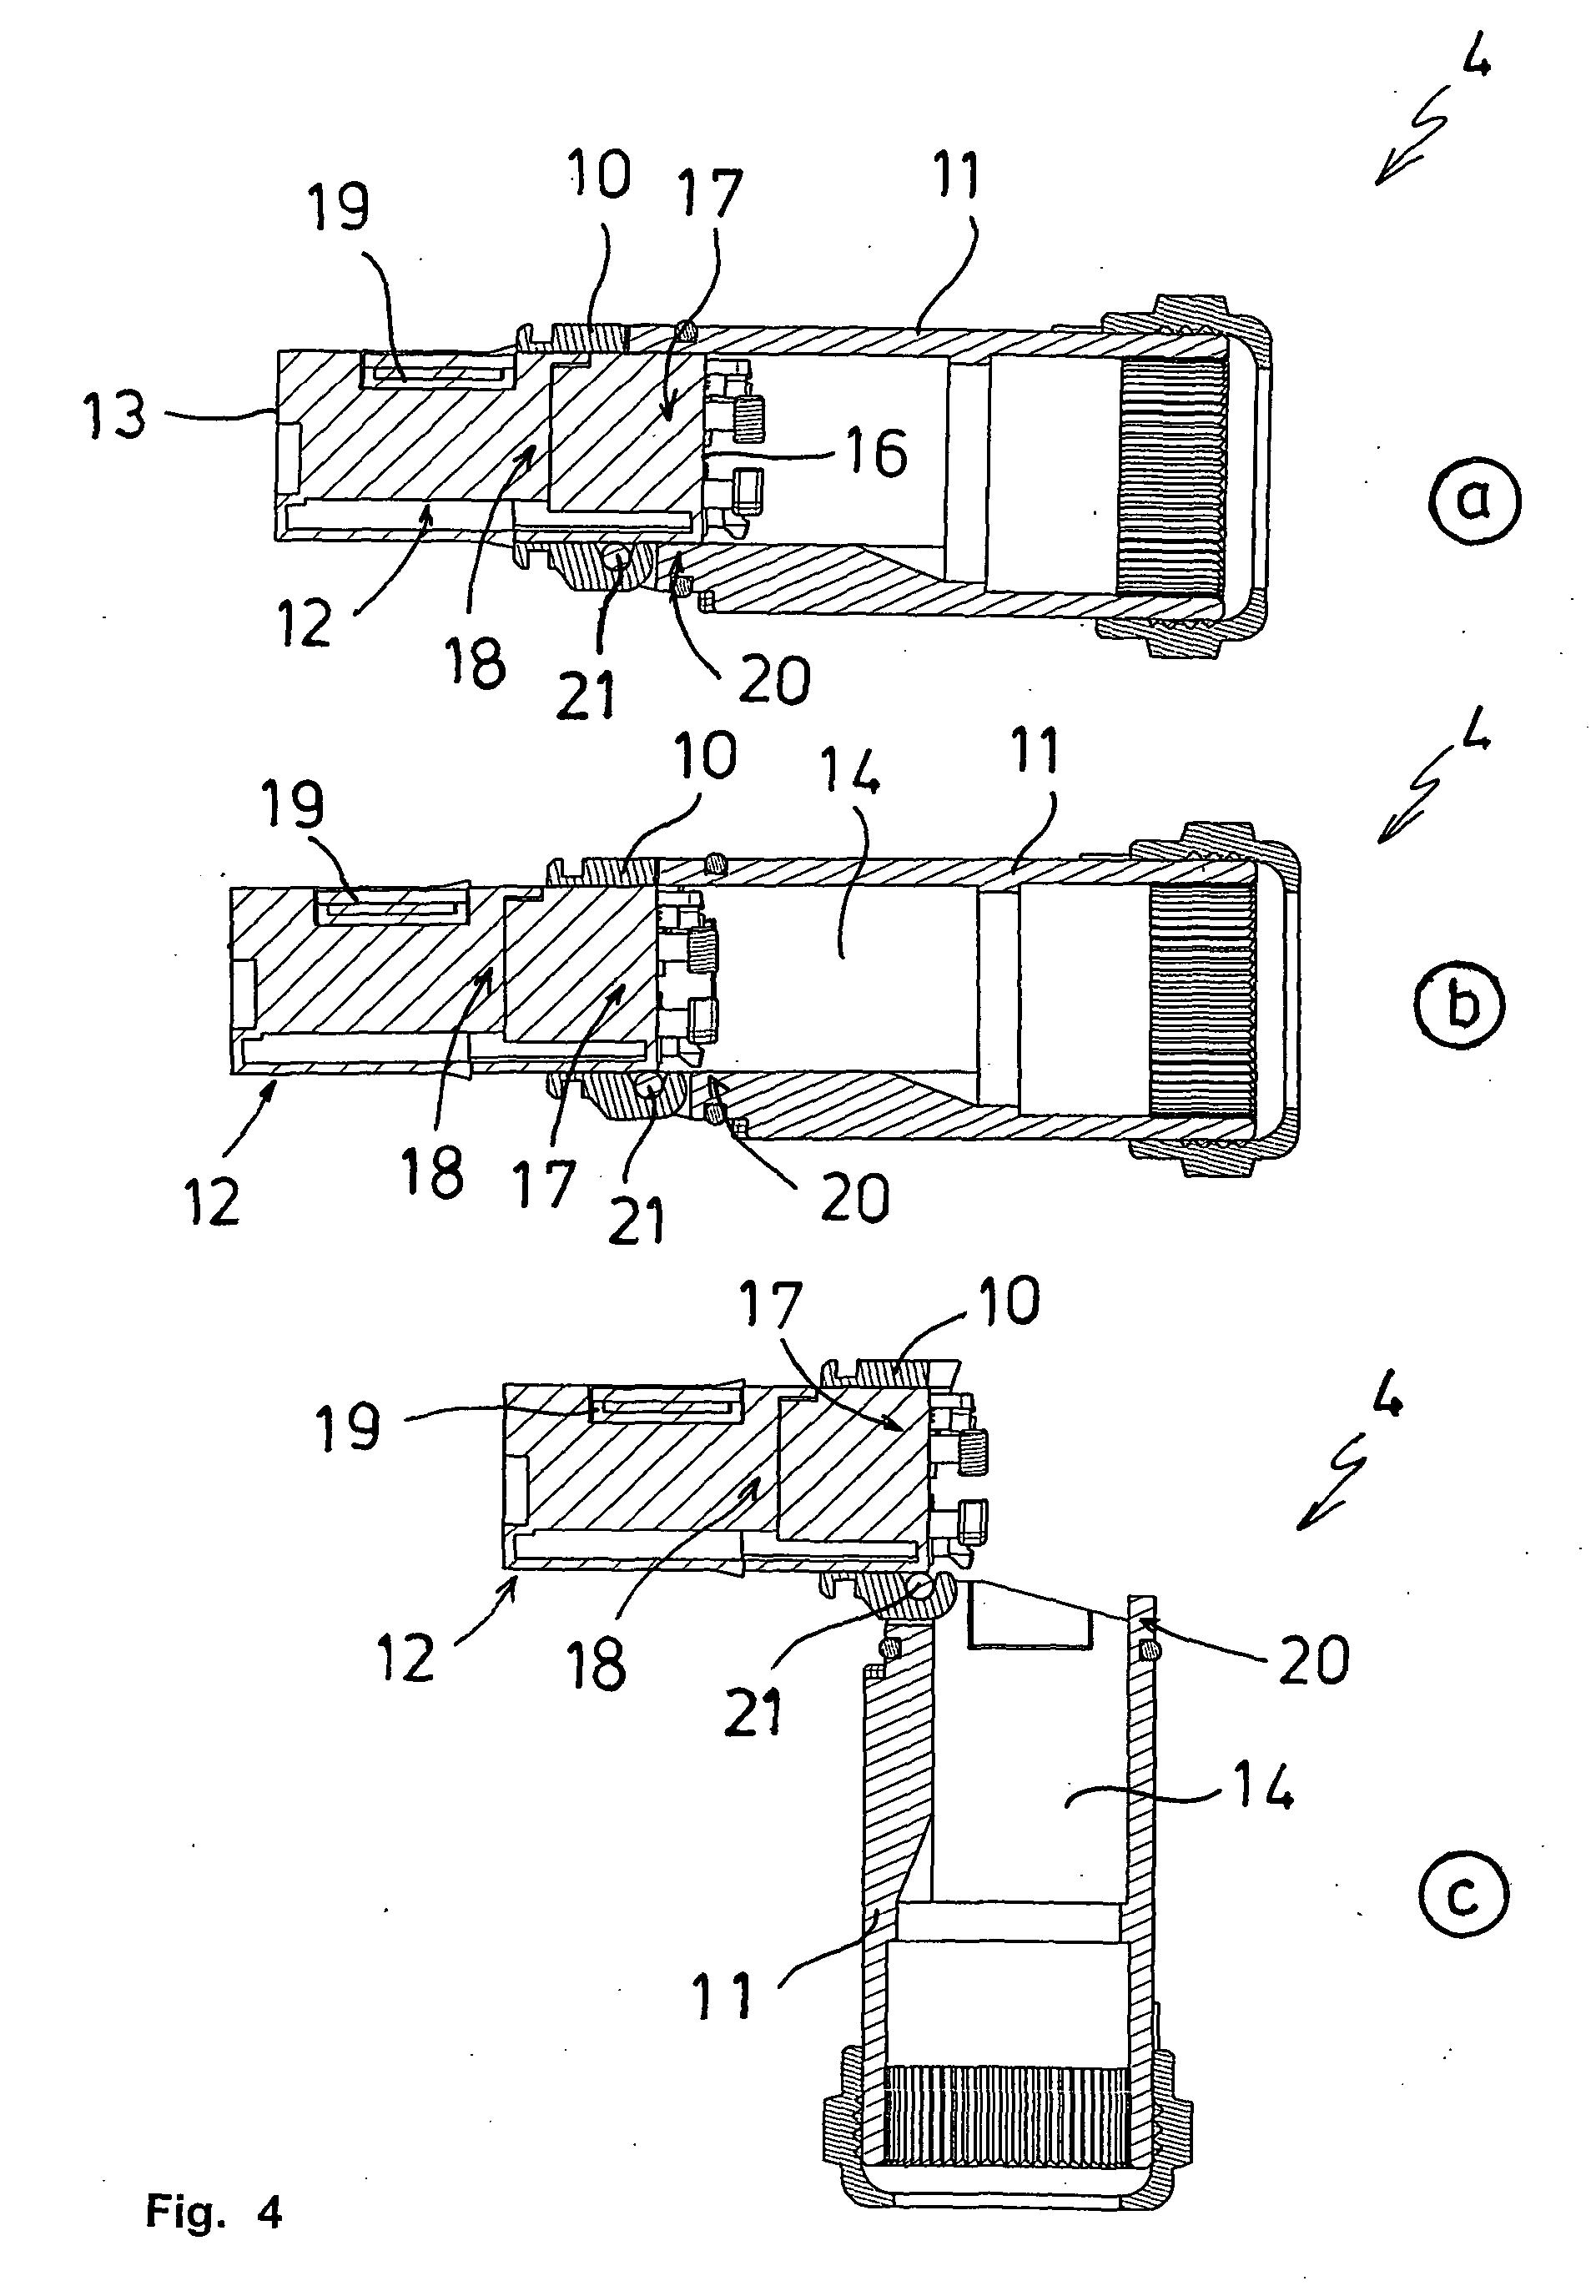 专利ep2182591a1 - elektrischer